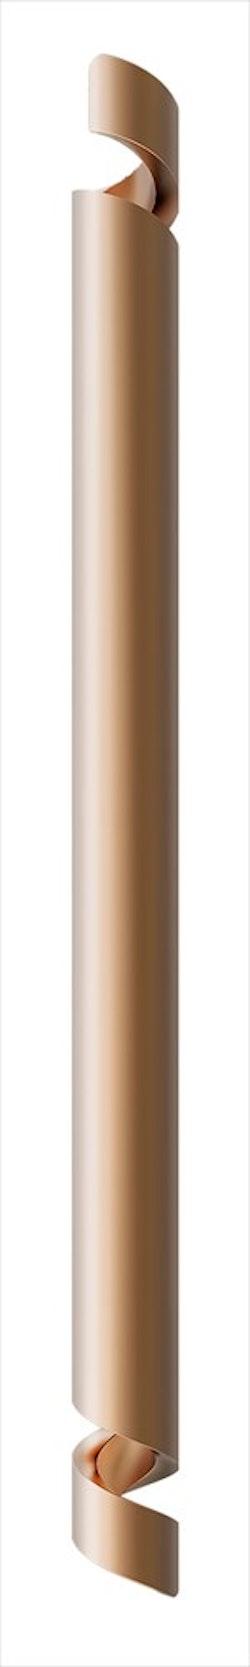 UMAGE Spinner för kabel och sladd, Koppar